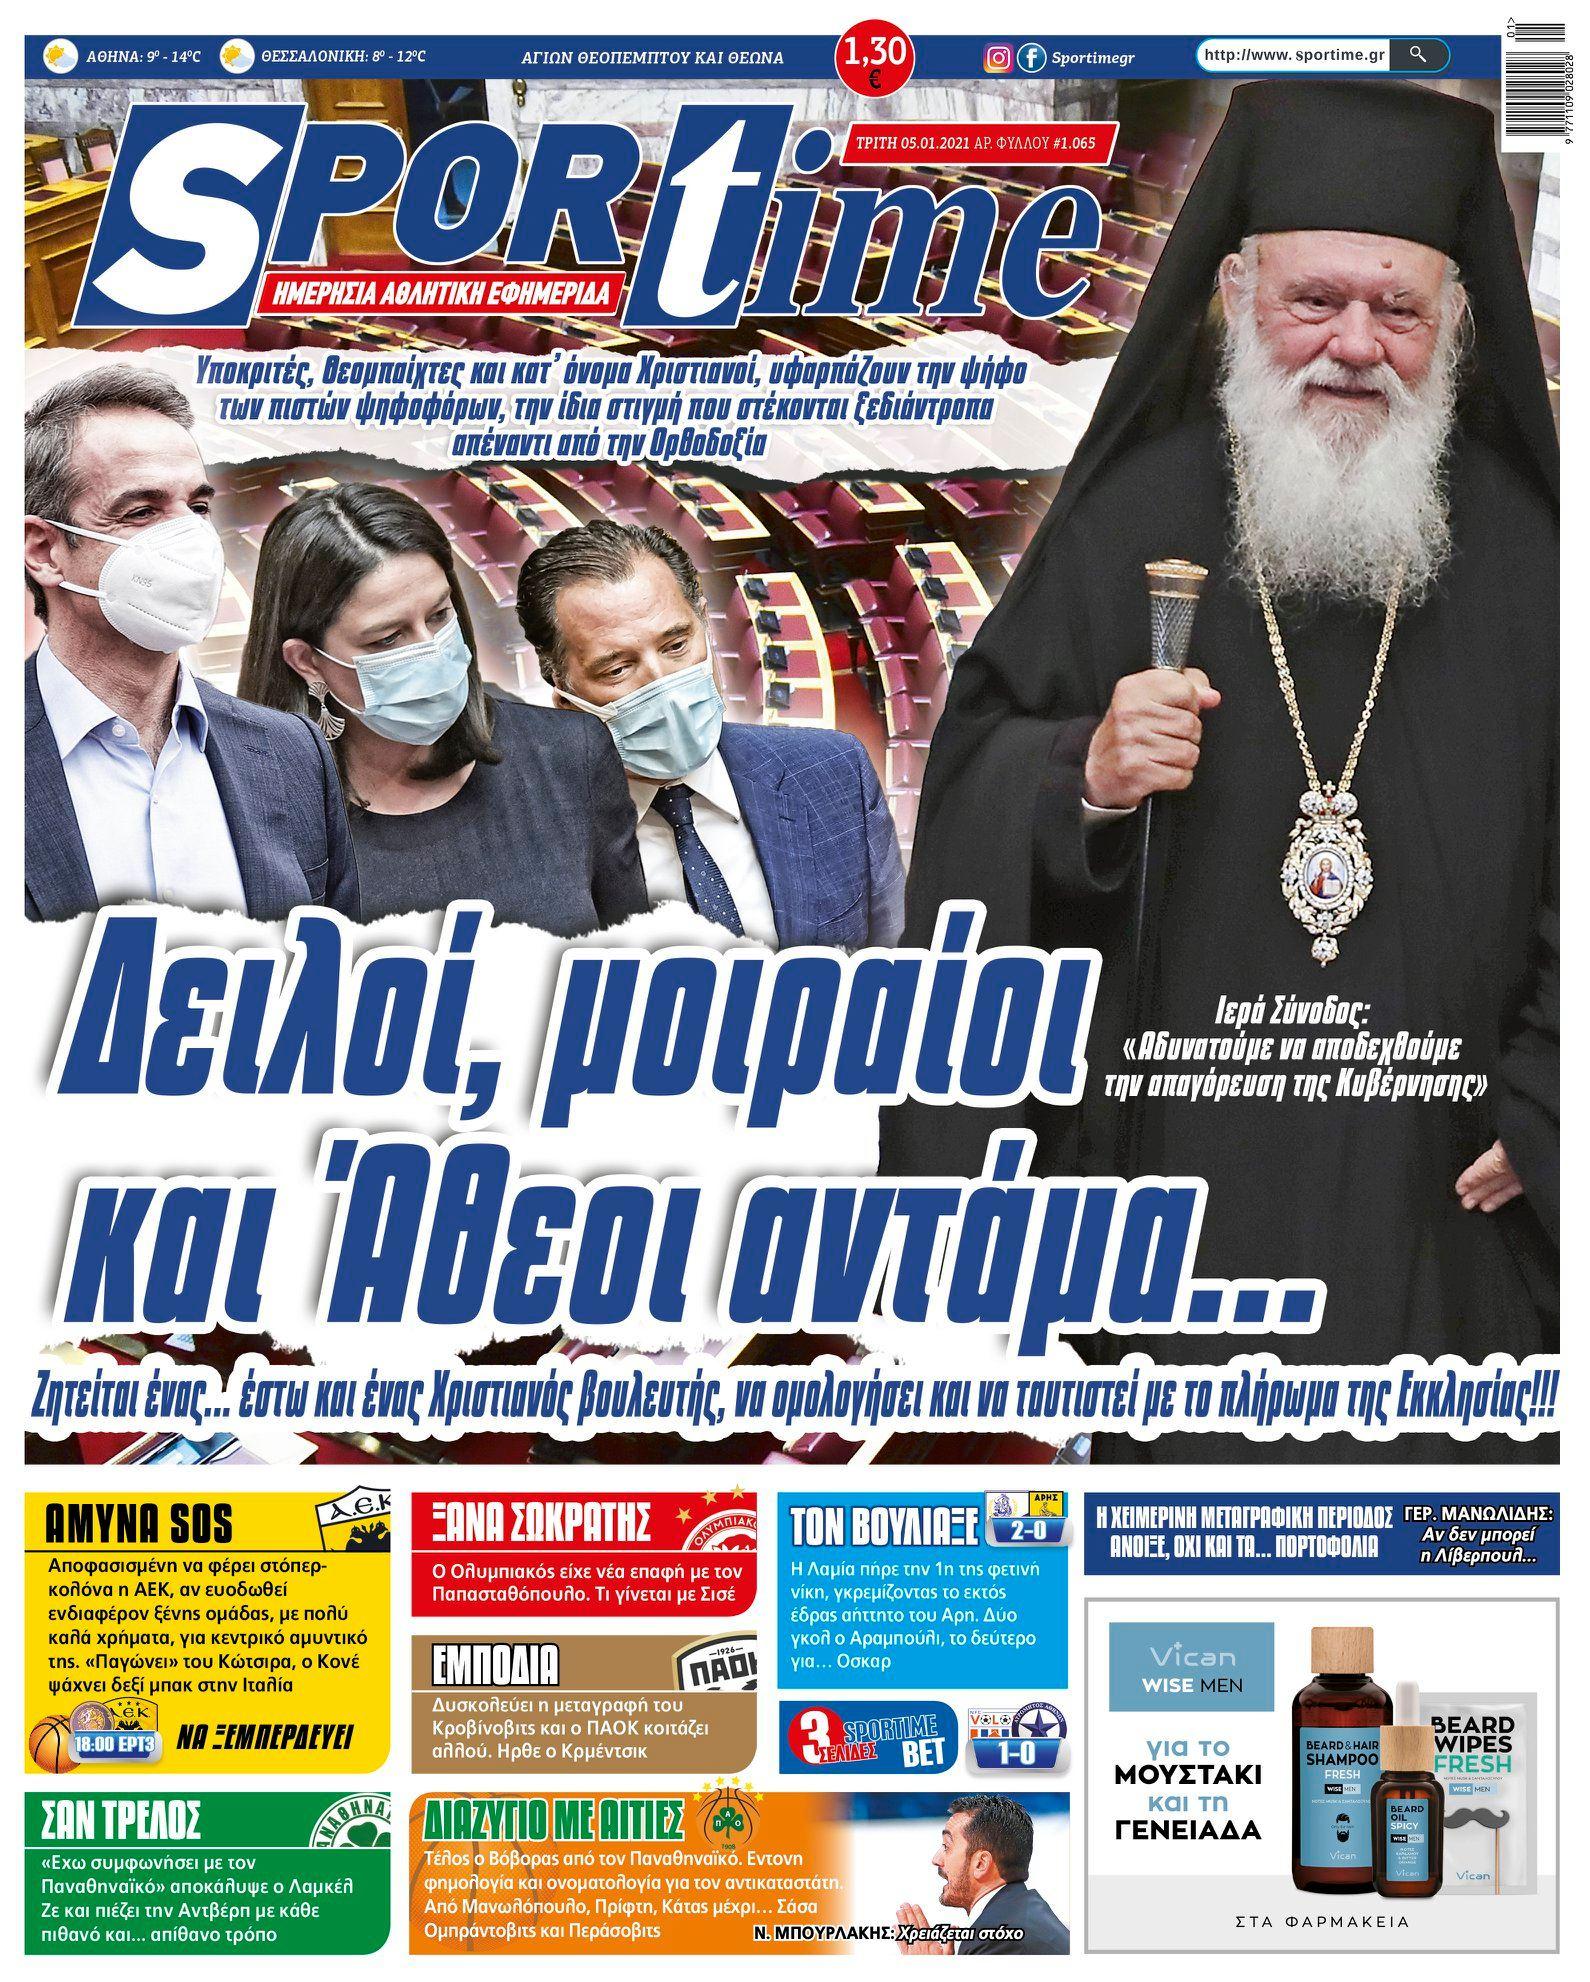 Εφημερίδα SPORTIME - Εξώφυλλο φύλλου 5/1/2021